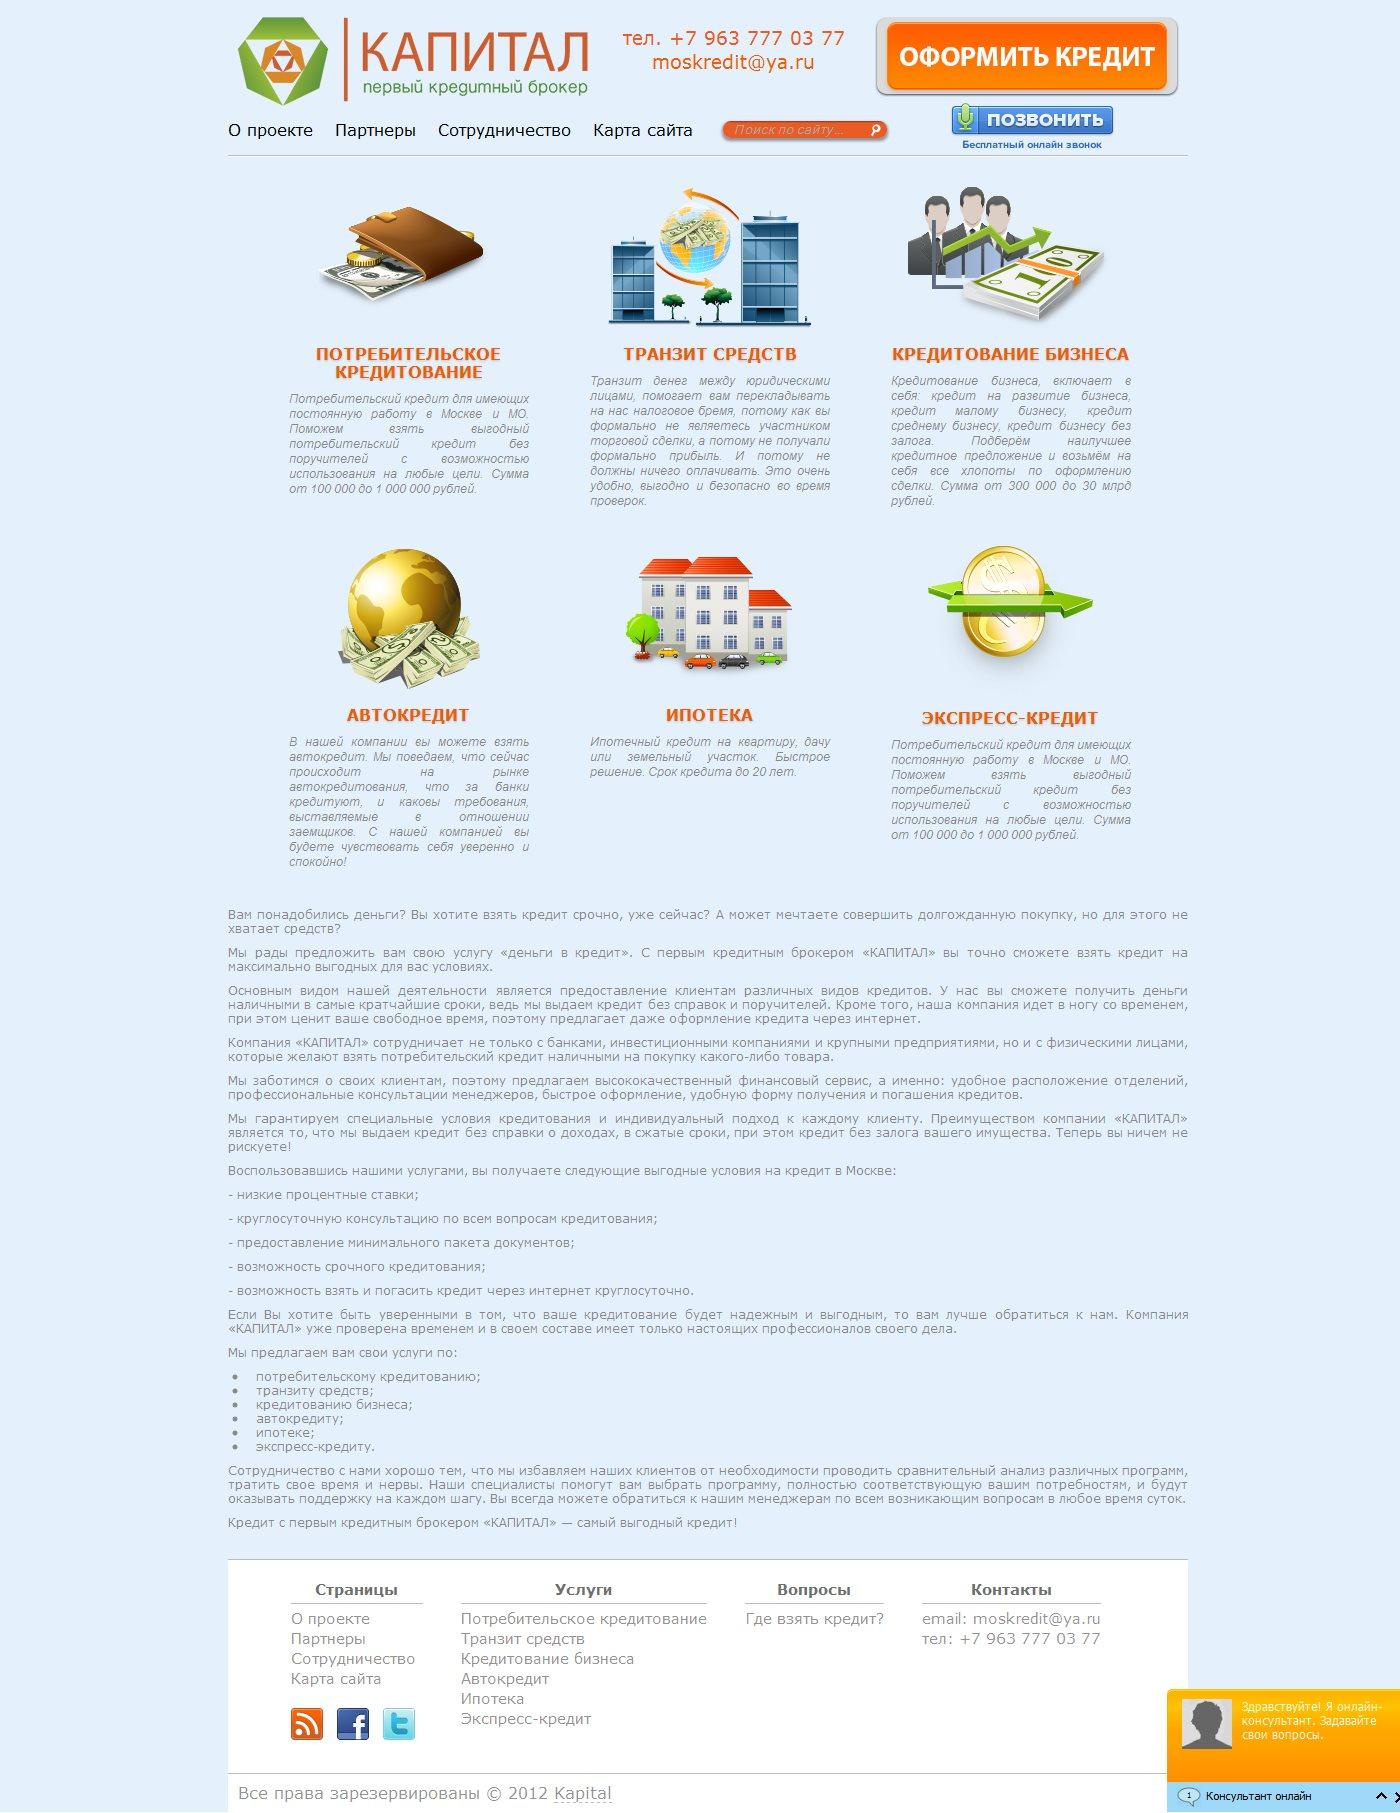 Капитал - первый кредитный брокер